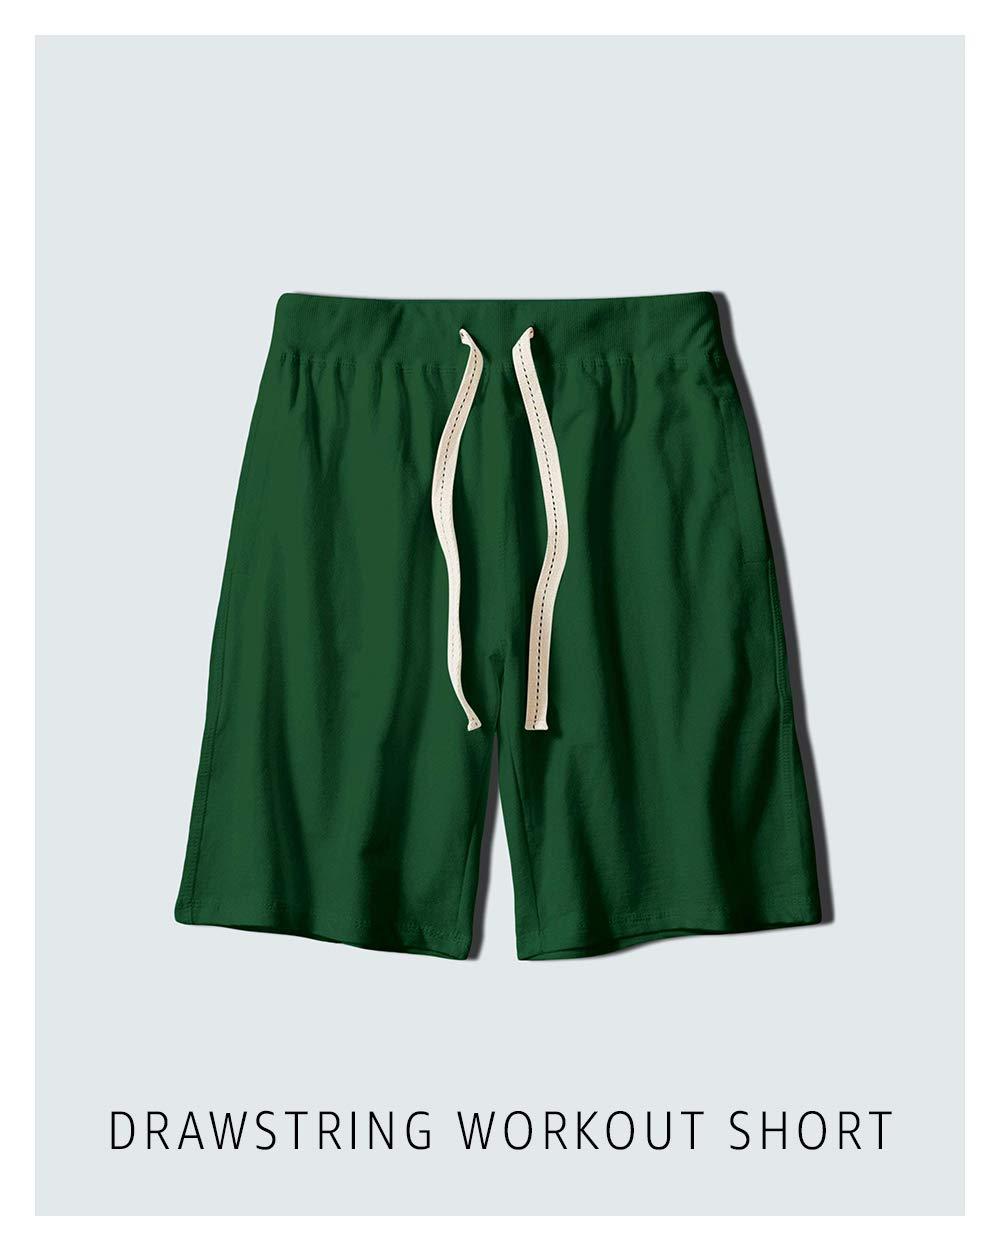 Drawstring workout short